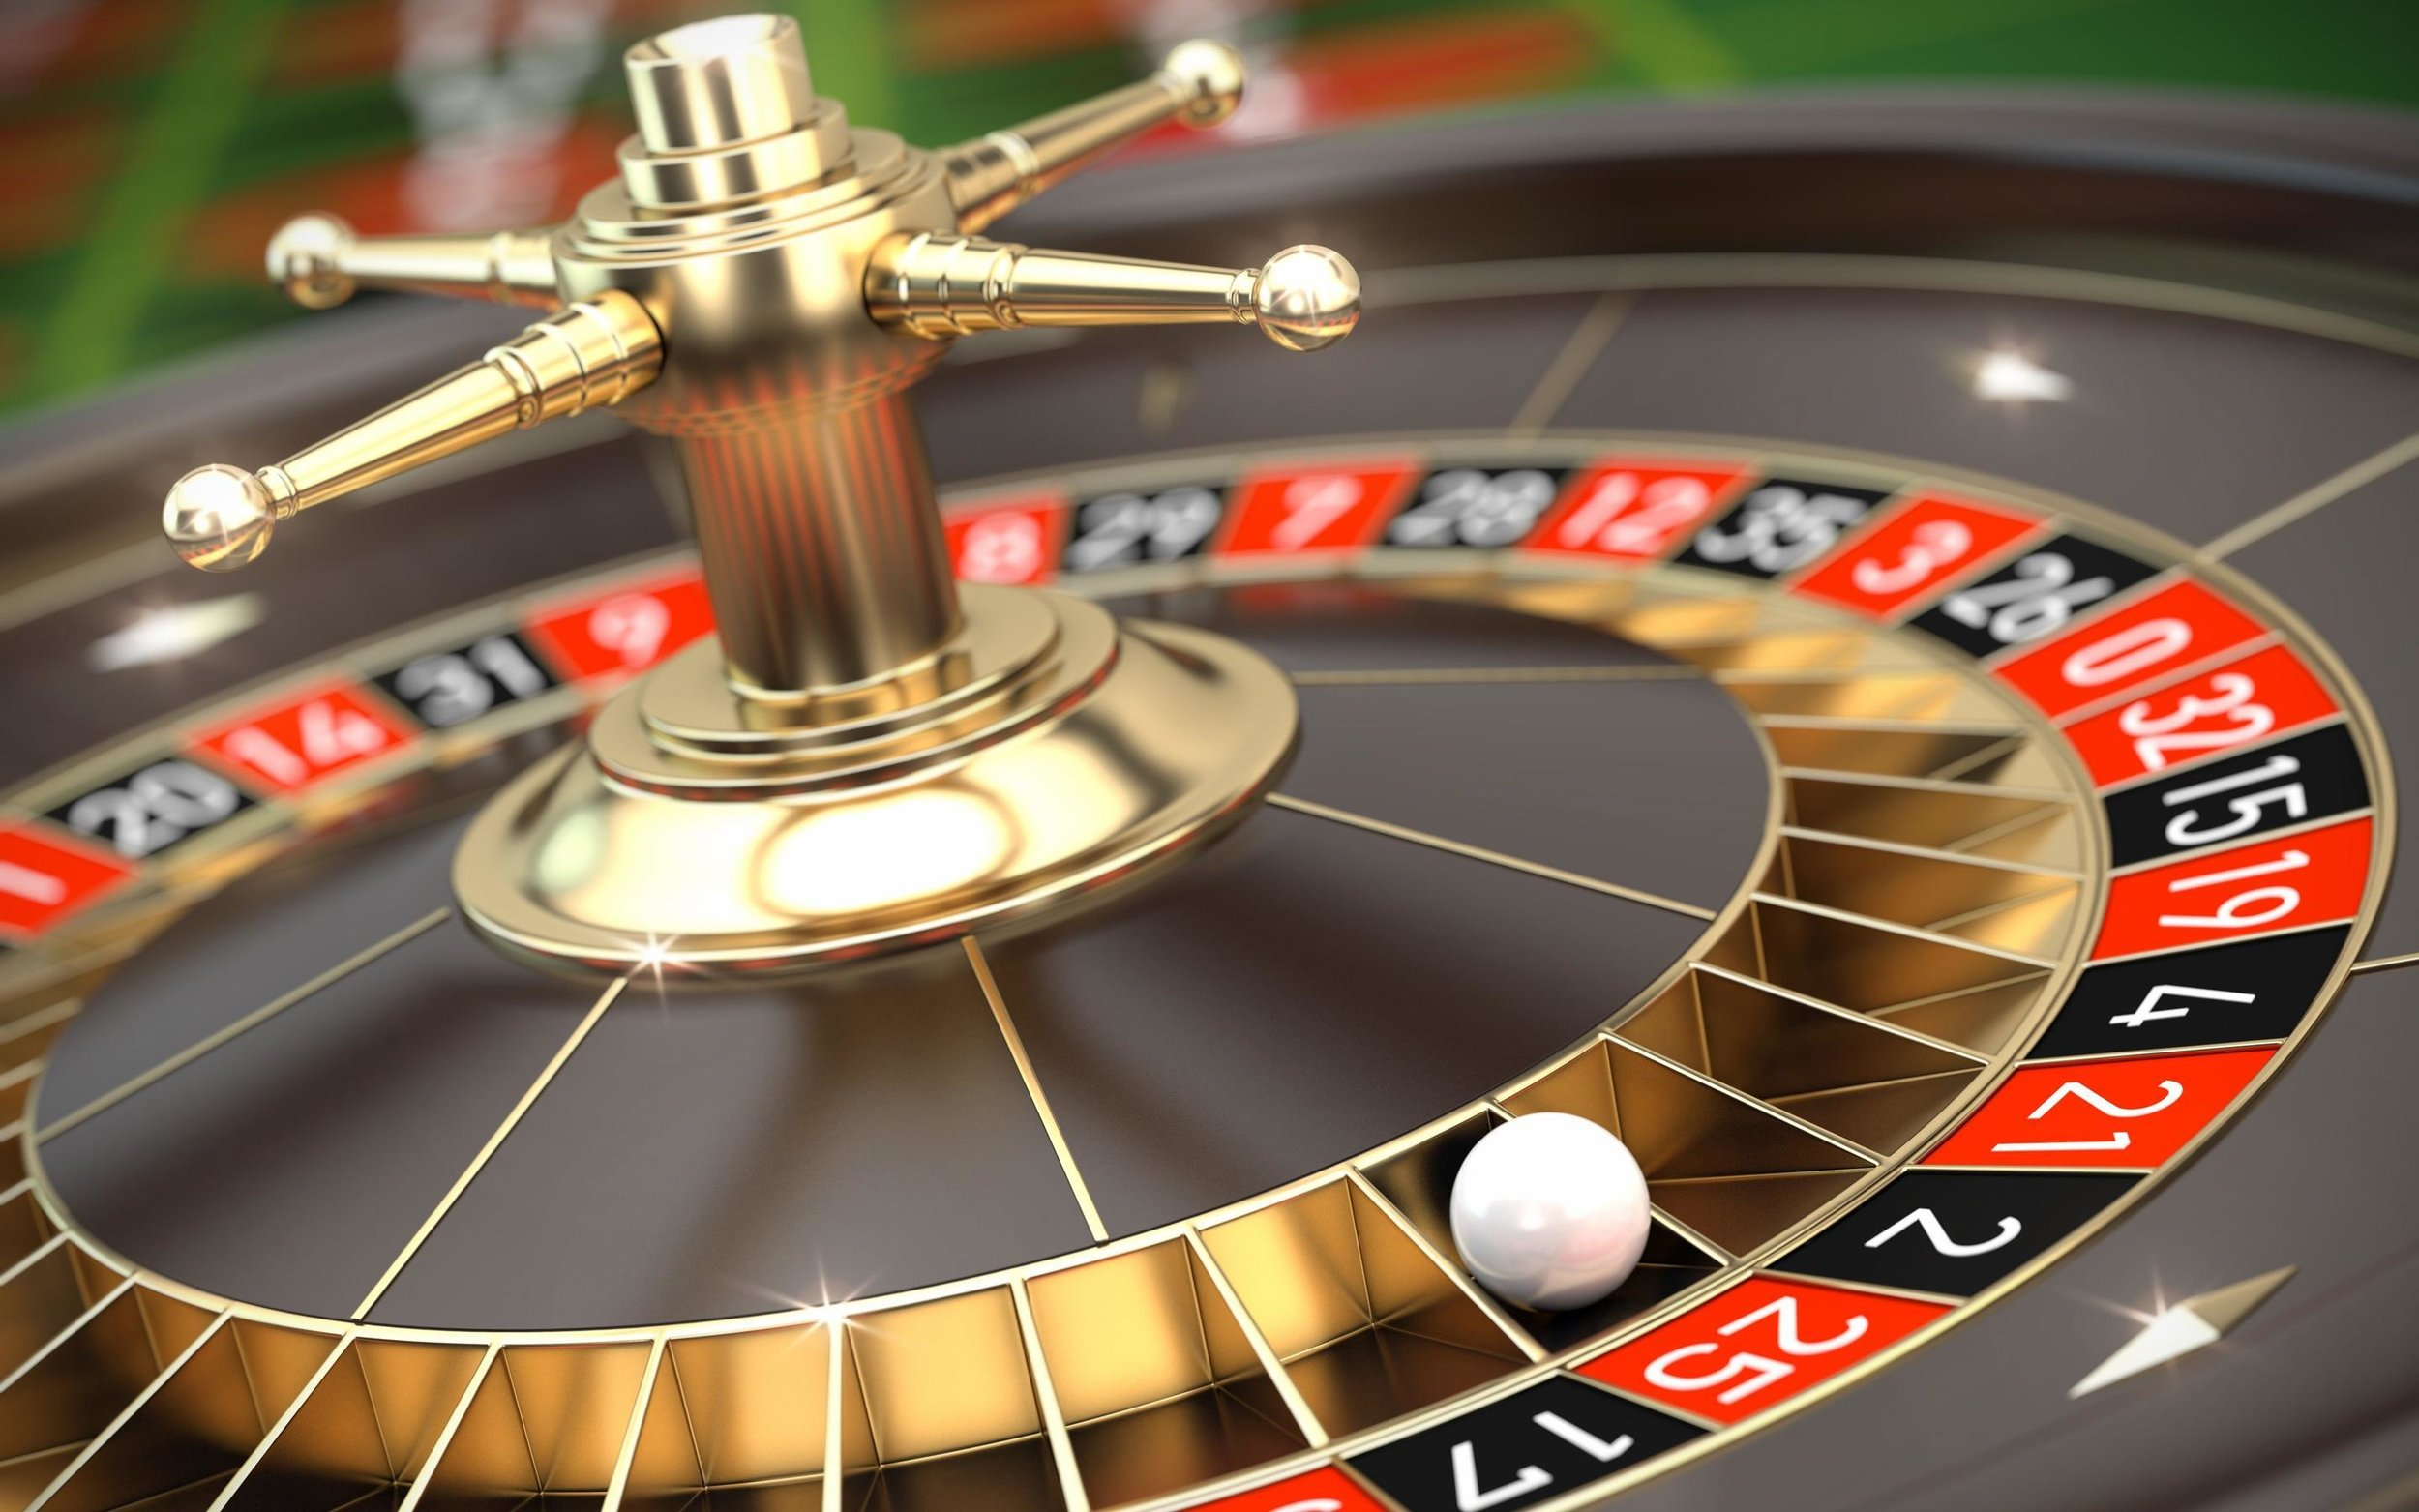 realtor-roulette.jpg